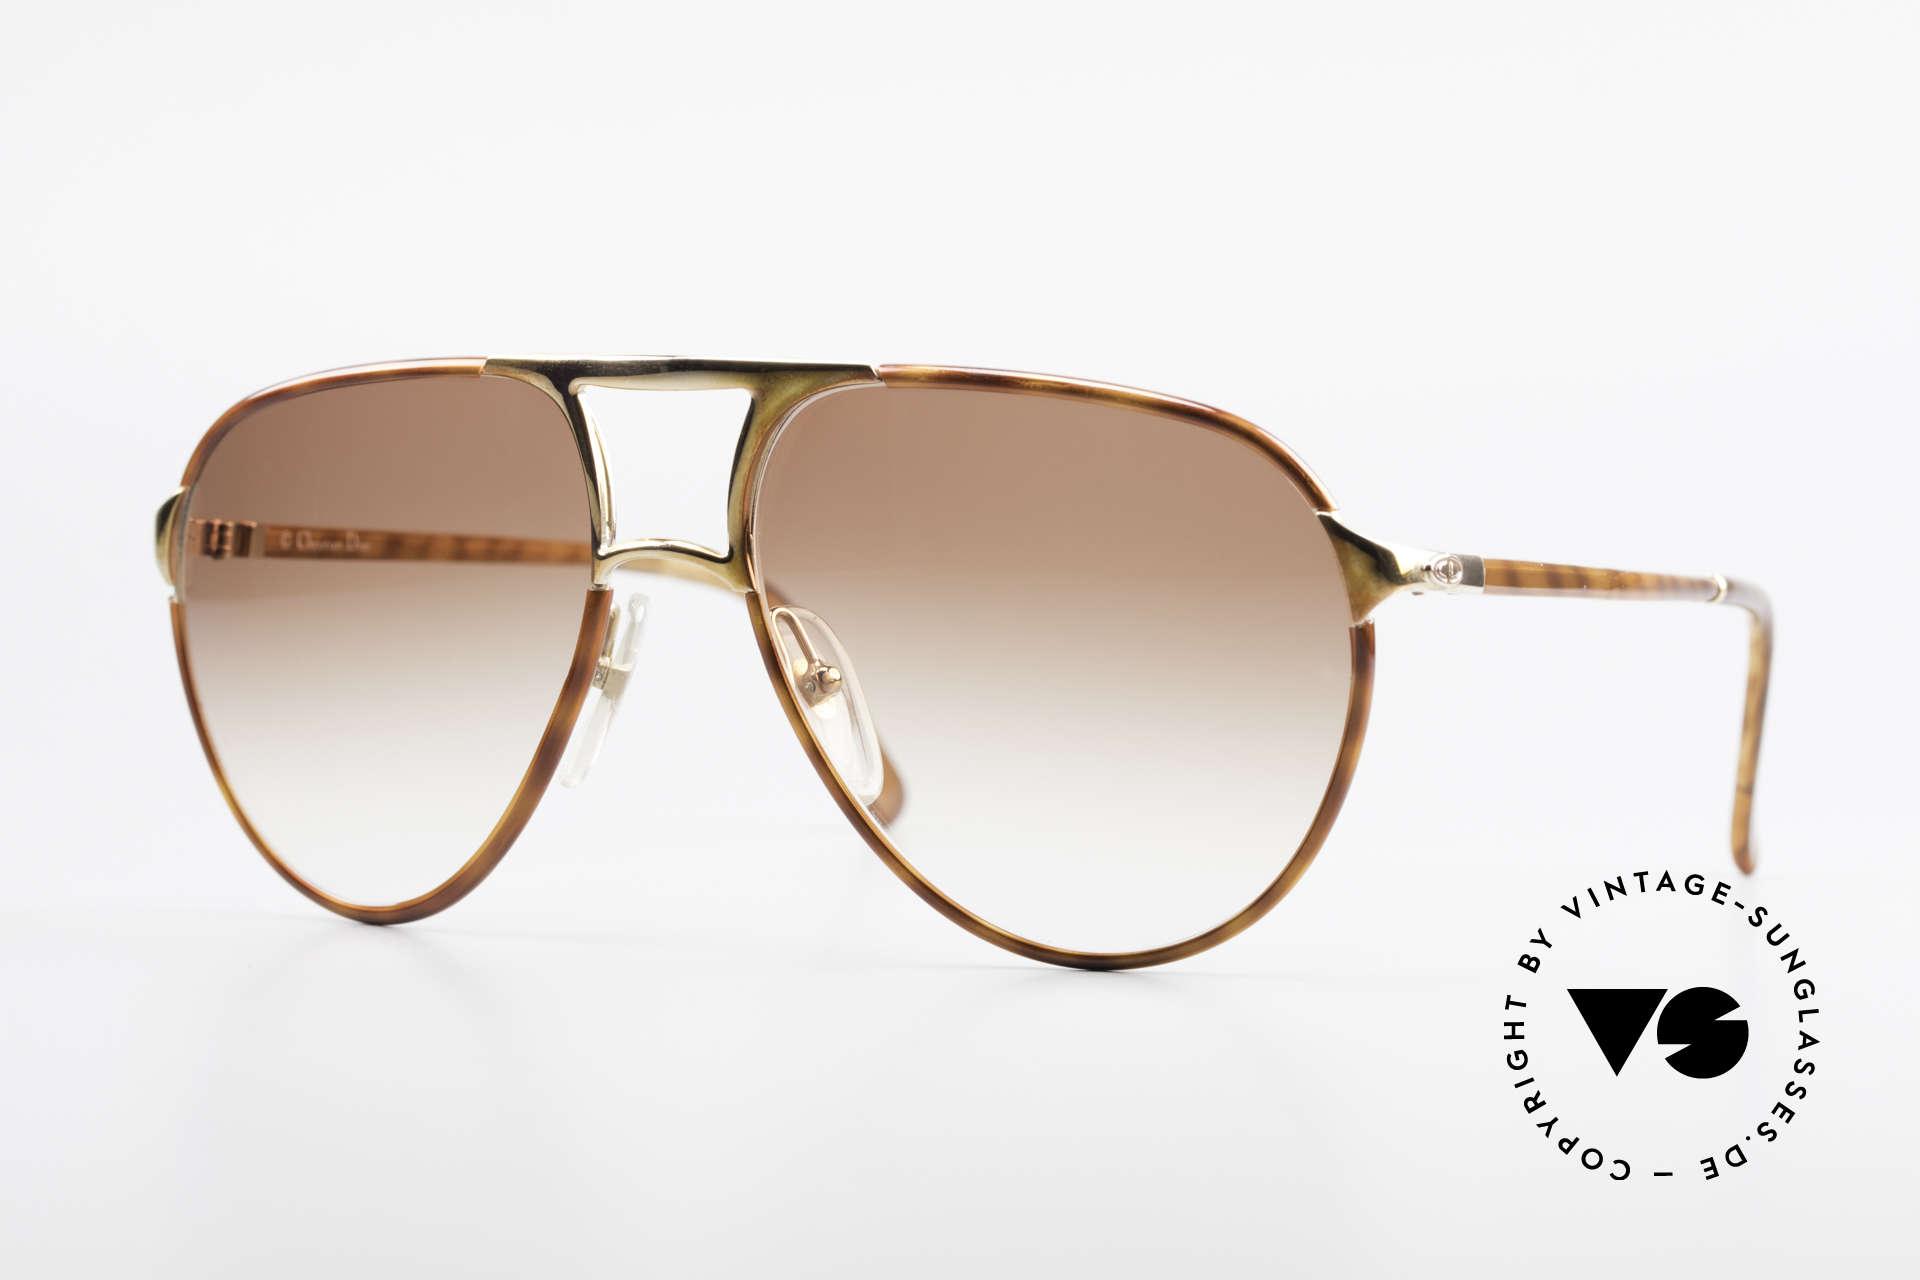 Christian Dior 2505 Designer Aviator Sunglasses, famous Christian Dior sunglasses from 1988/89, Made for Men